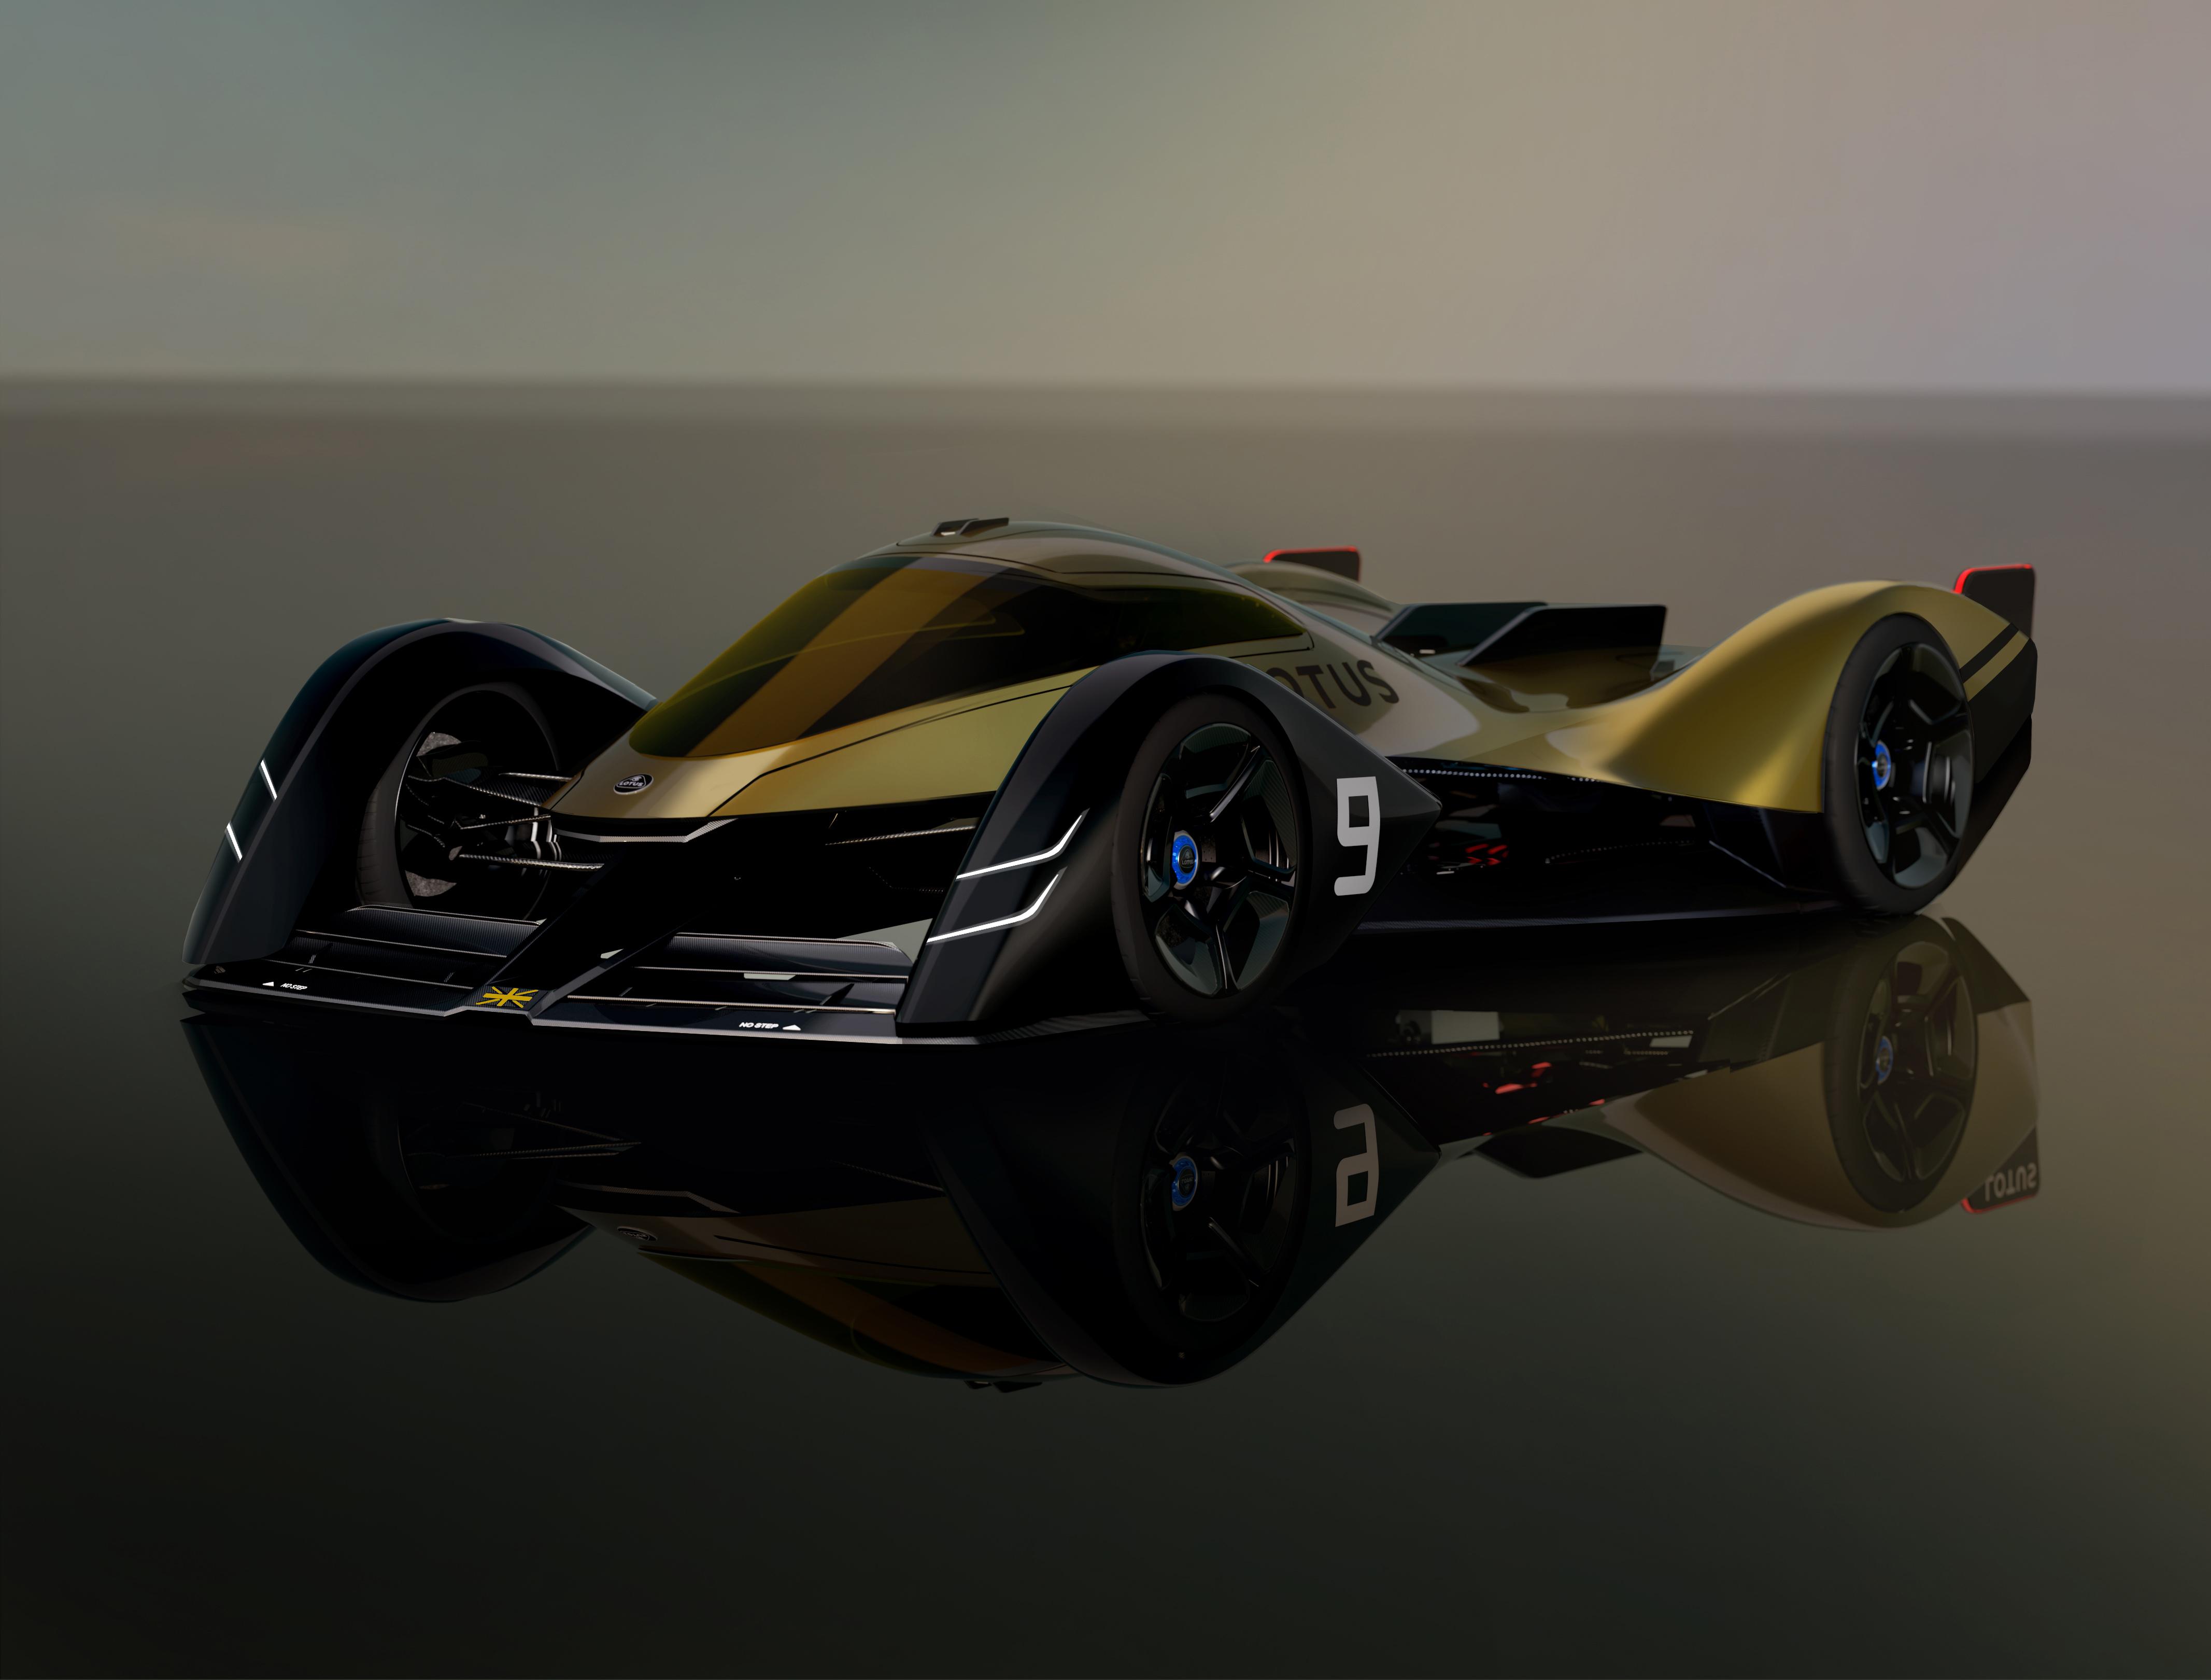 Lotus-endurance-racer-2030_1